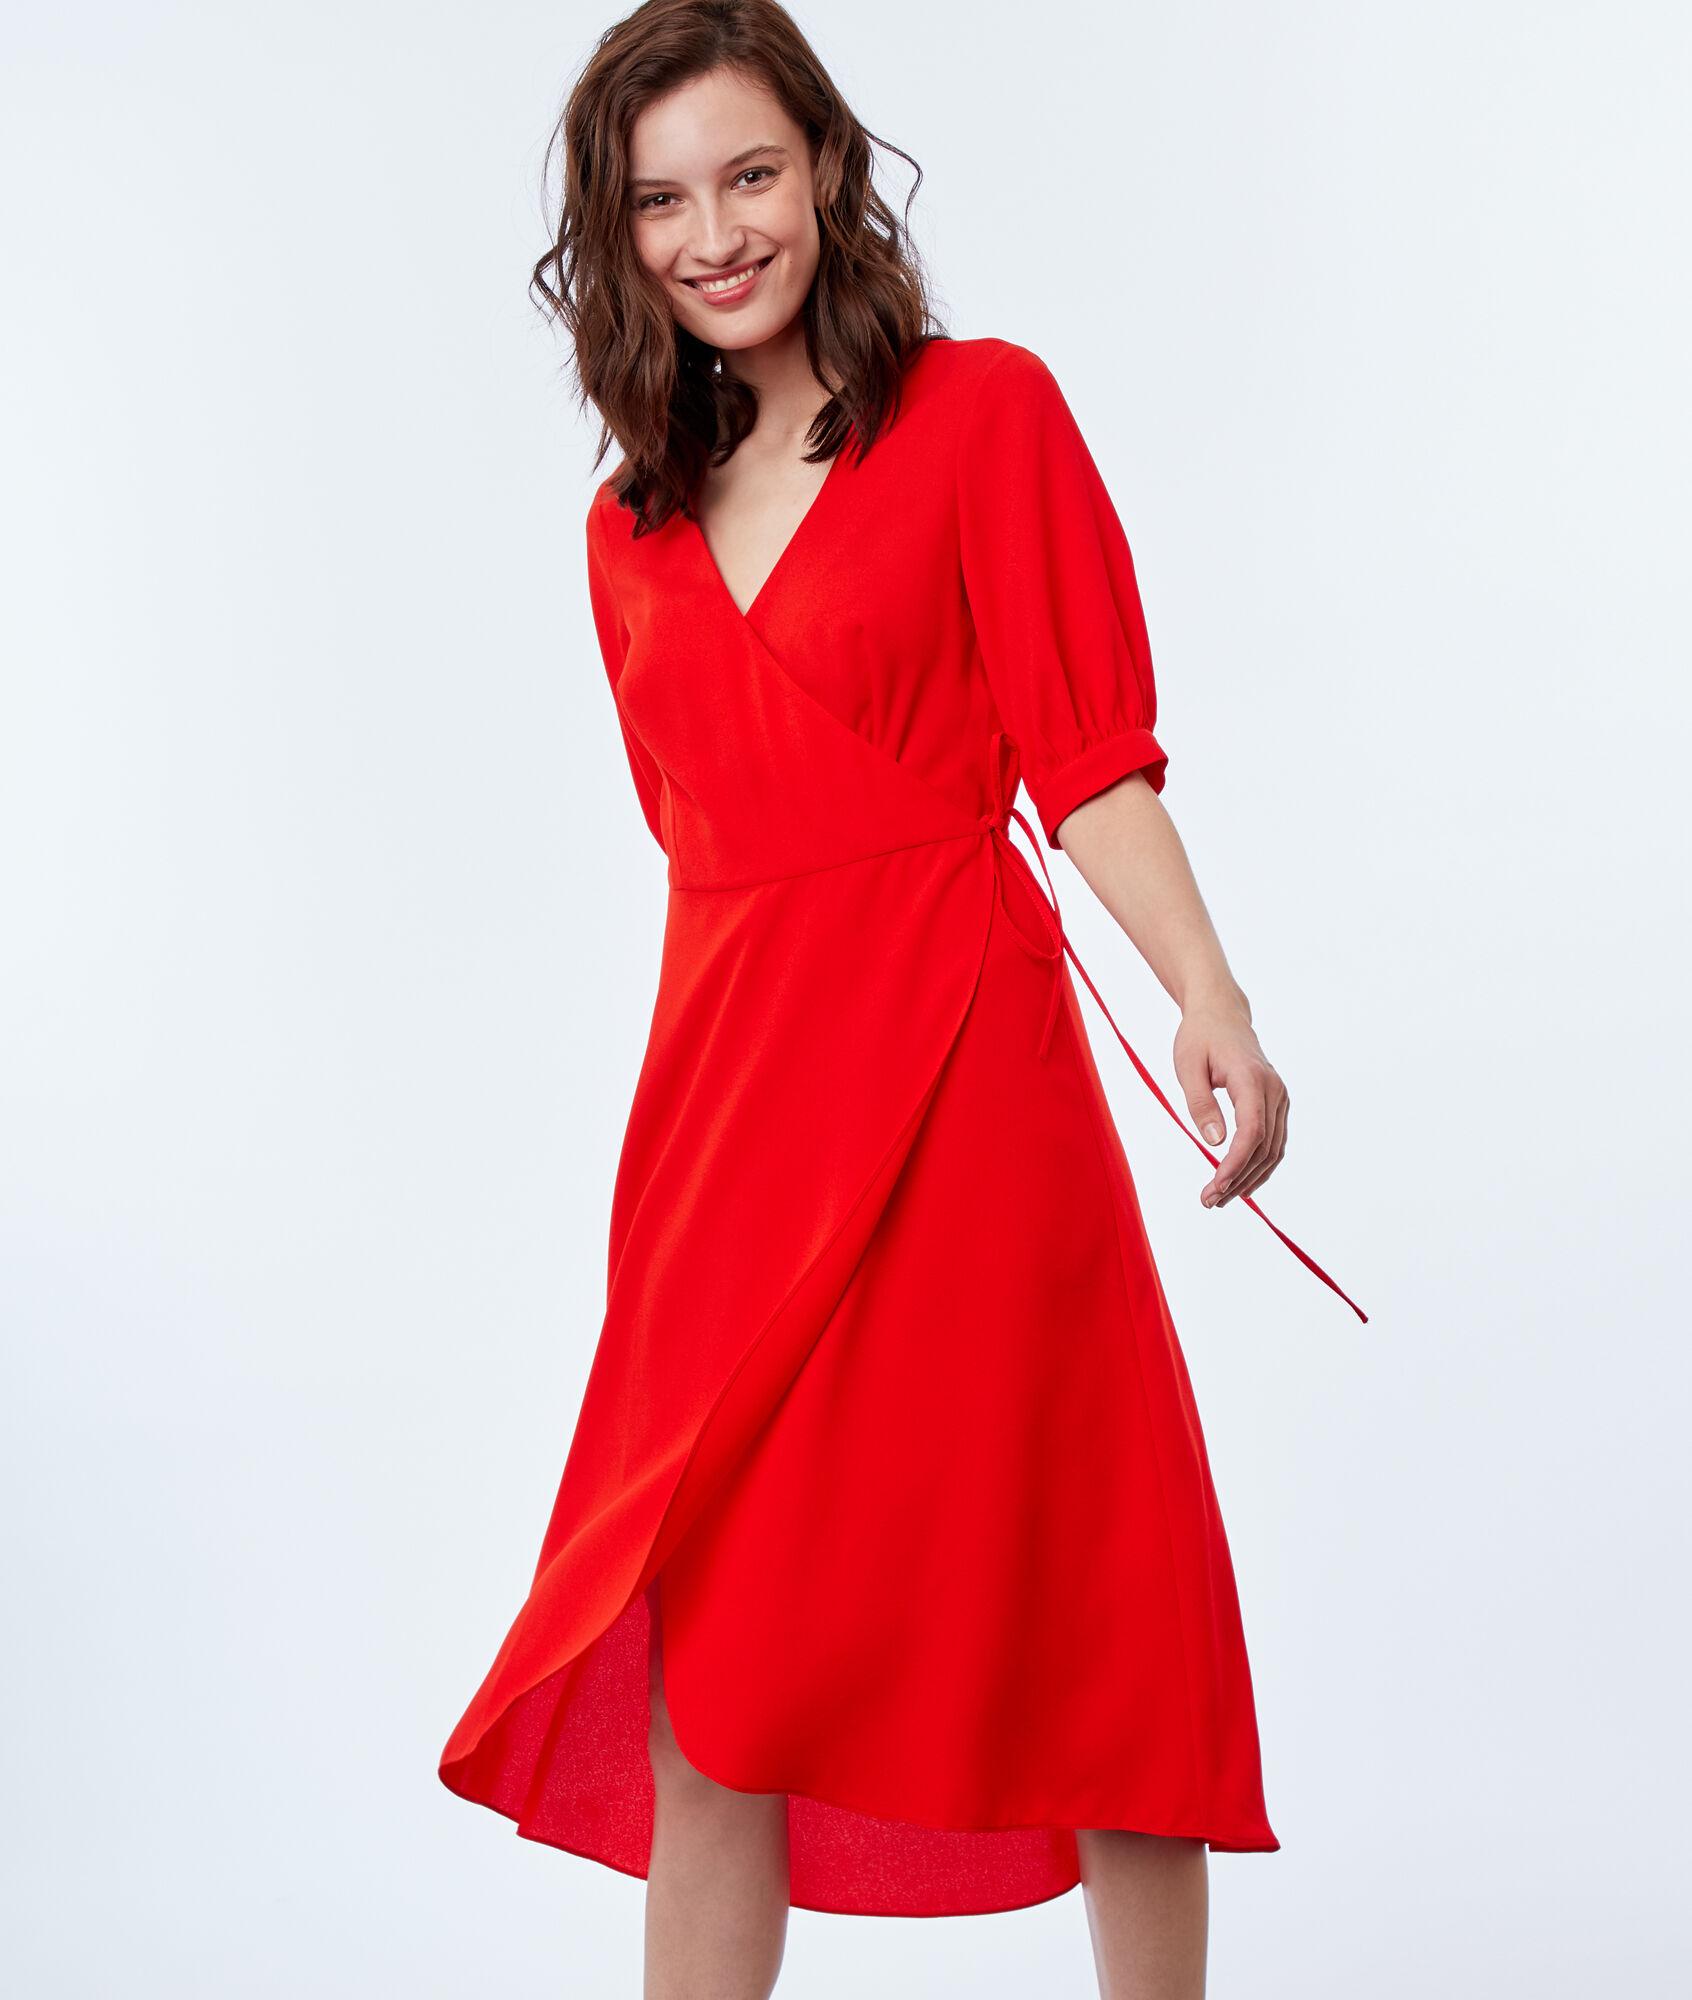 prix compétitif 02e77 b358f Robe portefeuille taille 46 – Modèles populaires de robes